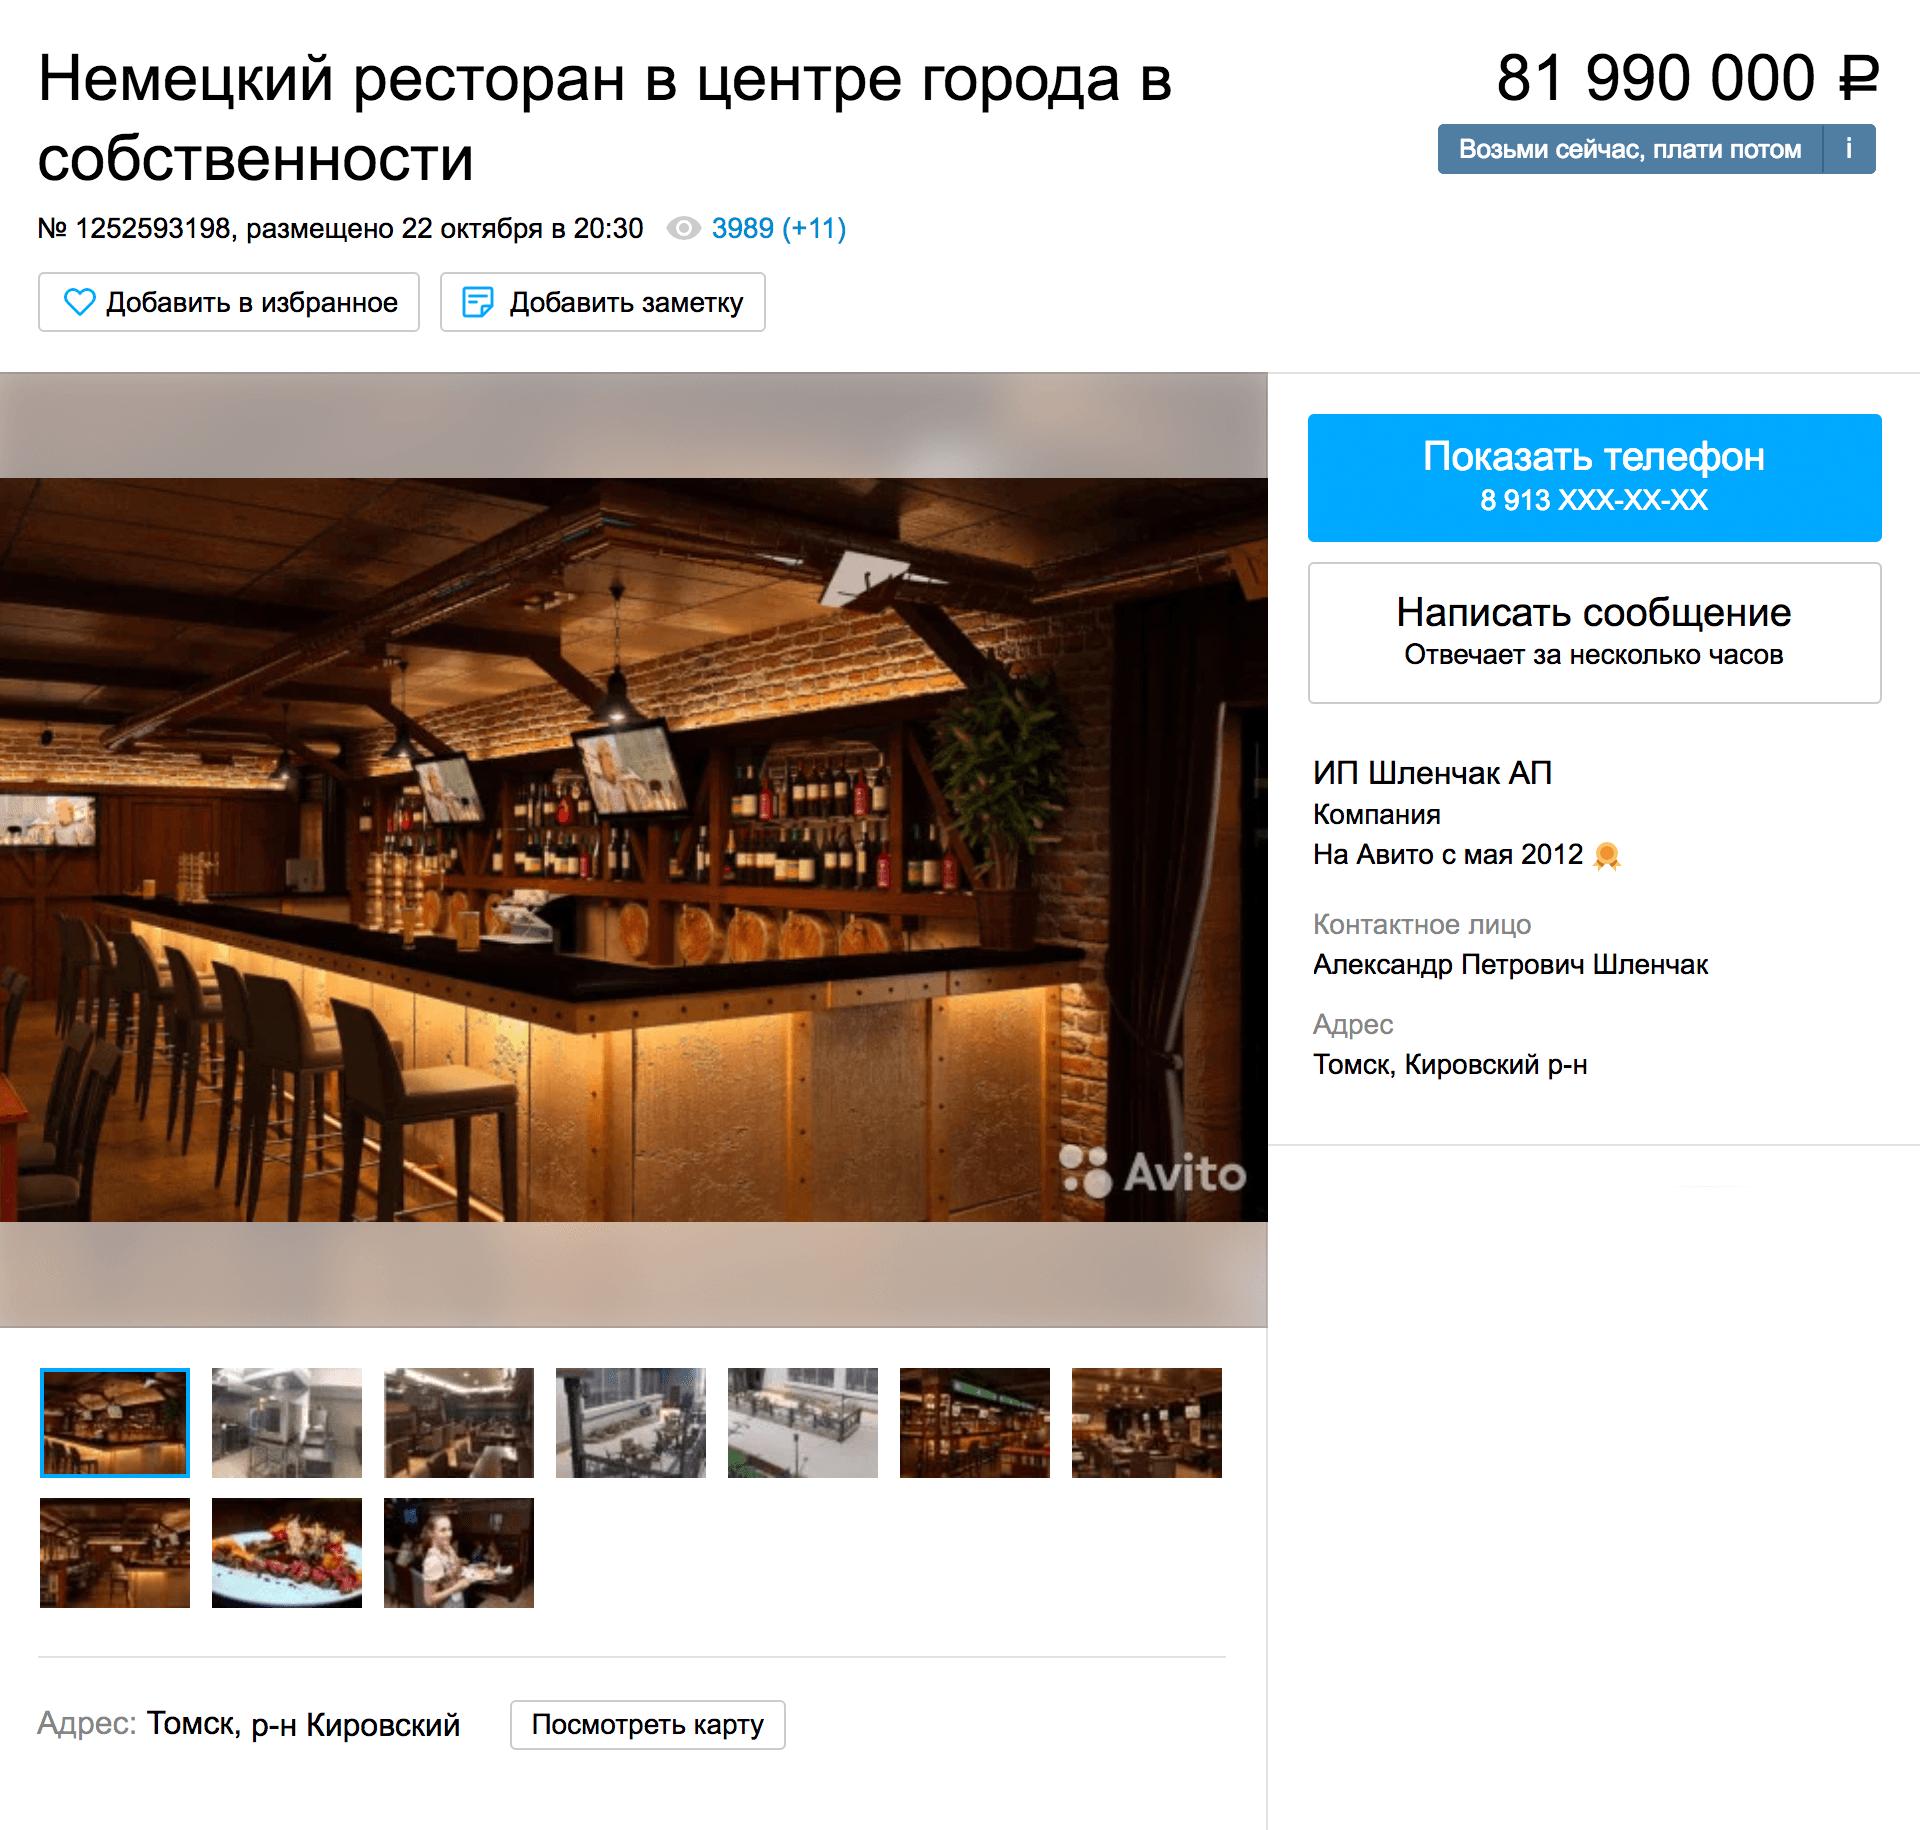 Концептуальный пивной ресторан в центре Томска продают почти за 82 млн рублей. Объявление на «Авито»